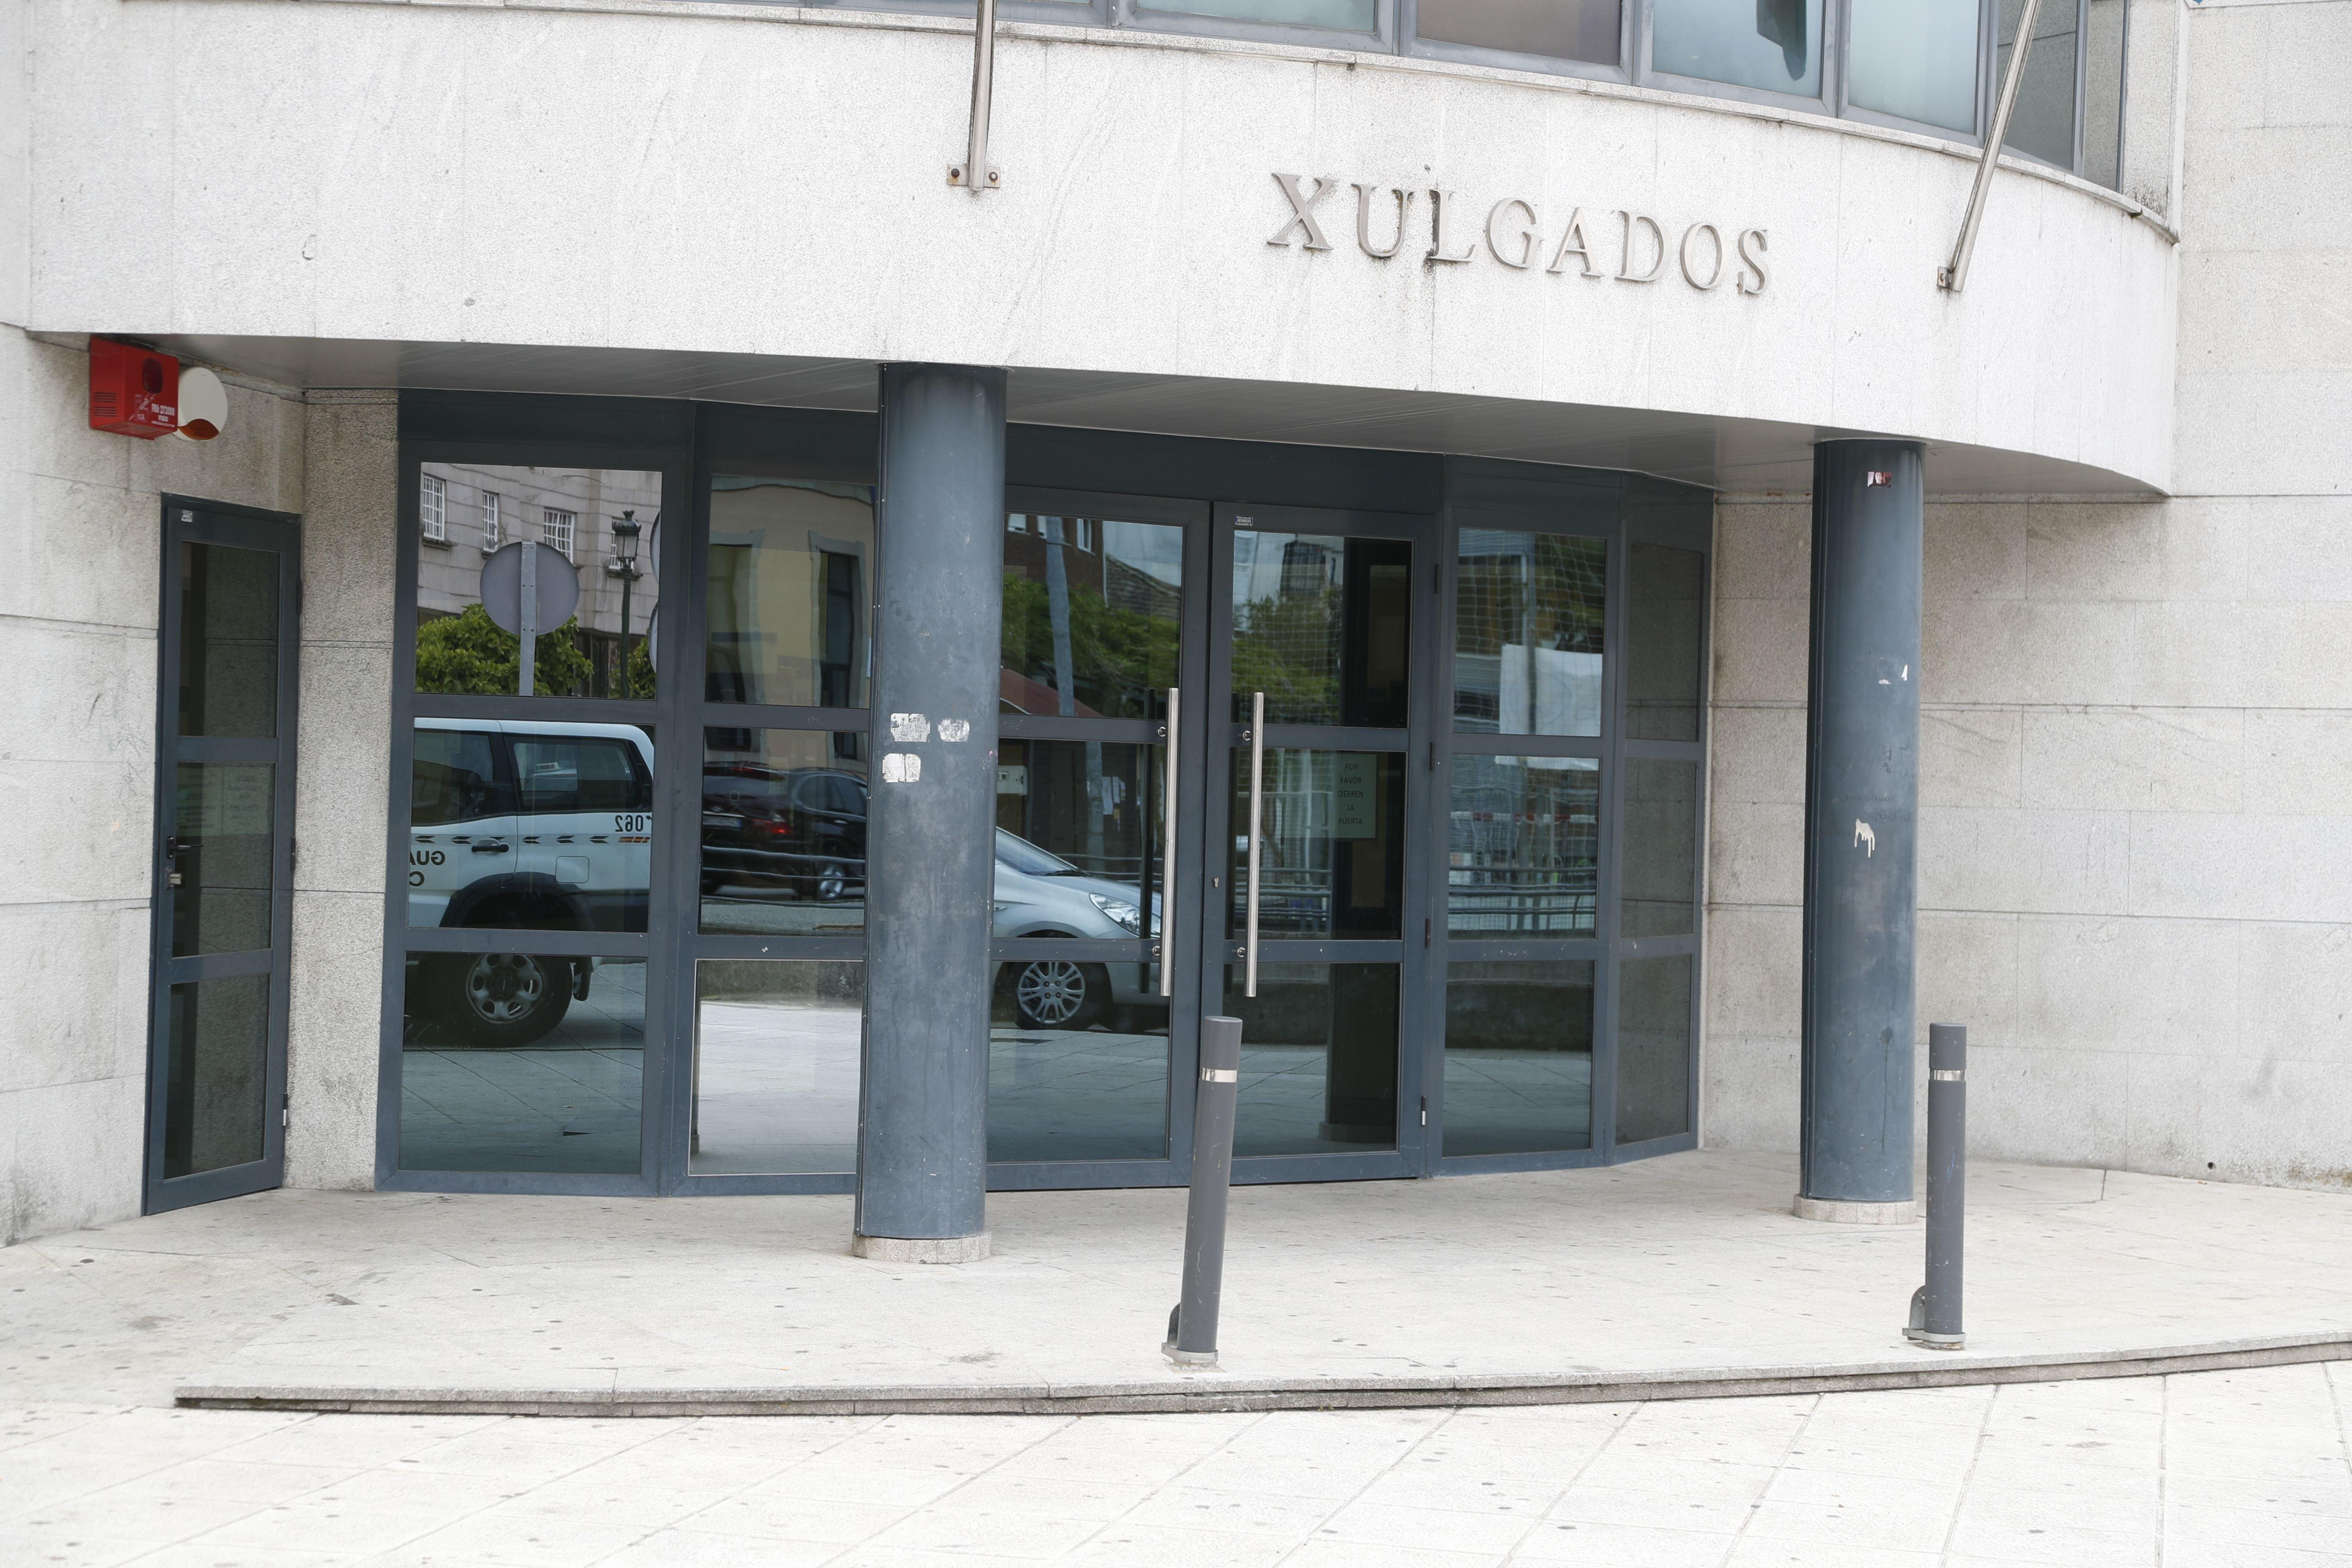 Las instslaciones de lo sjuzgados de Redondela se han quedado pequeñas para su carga de trabajo actual.